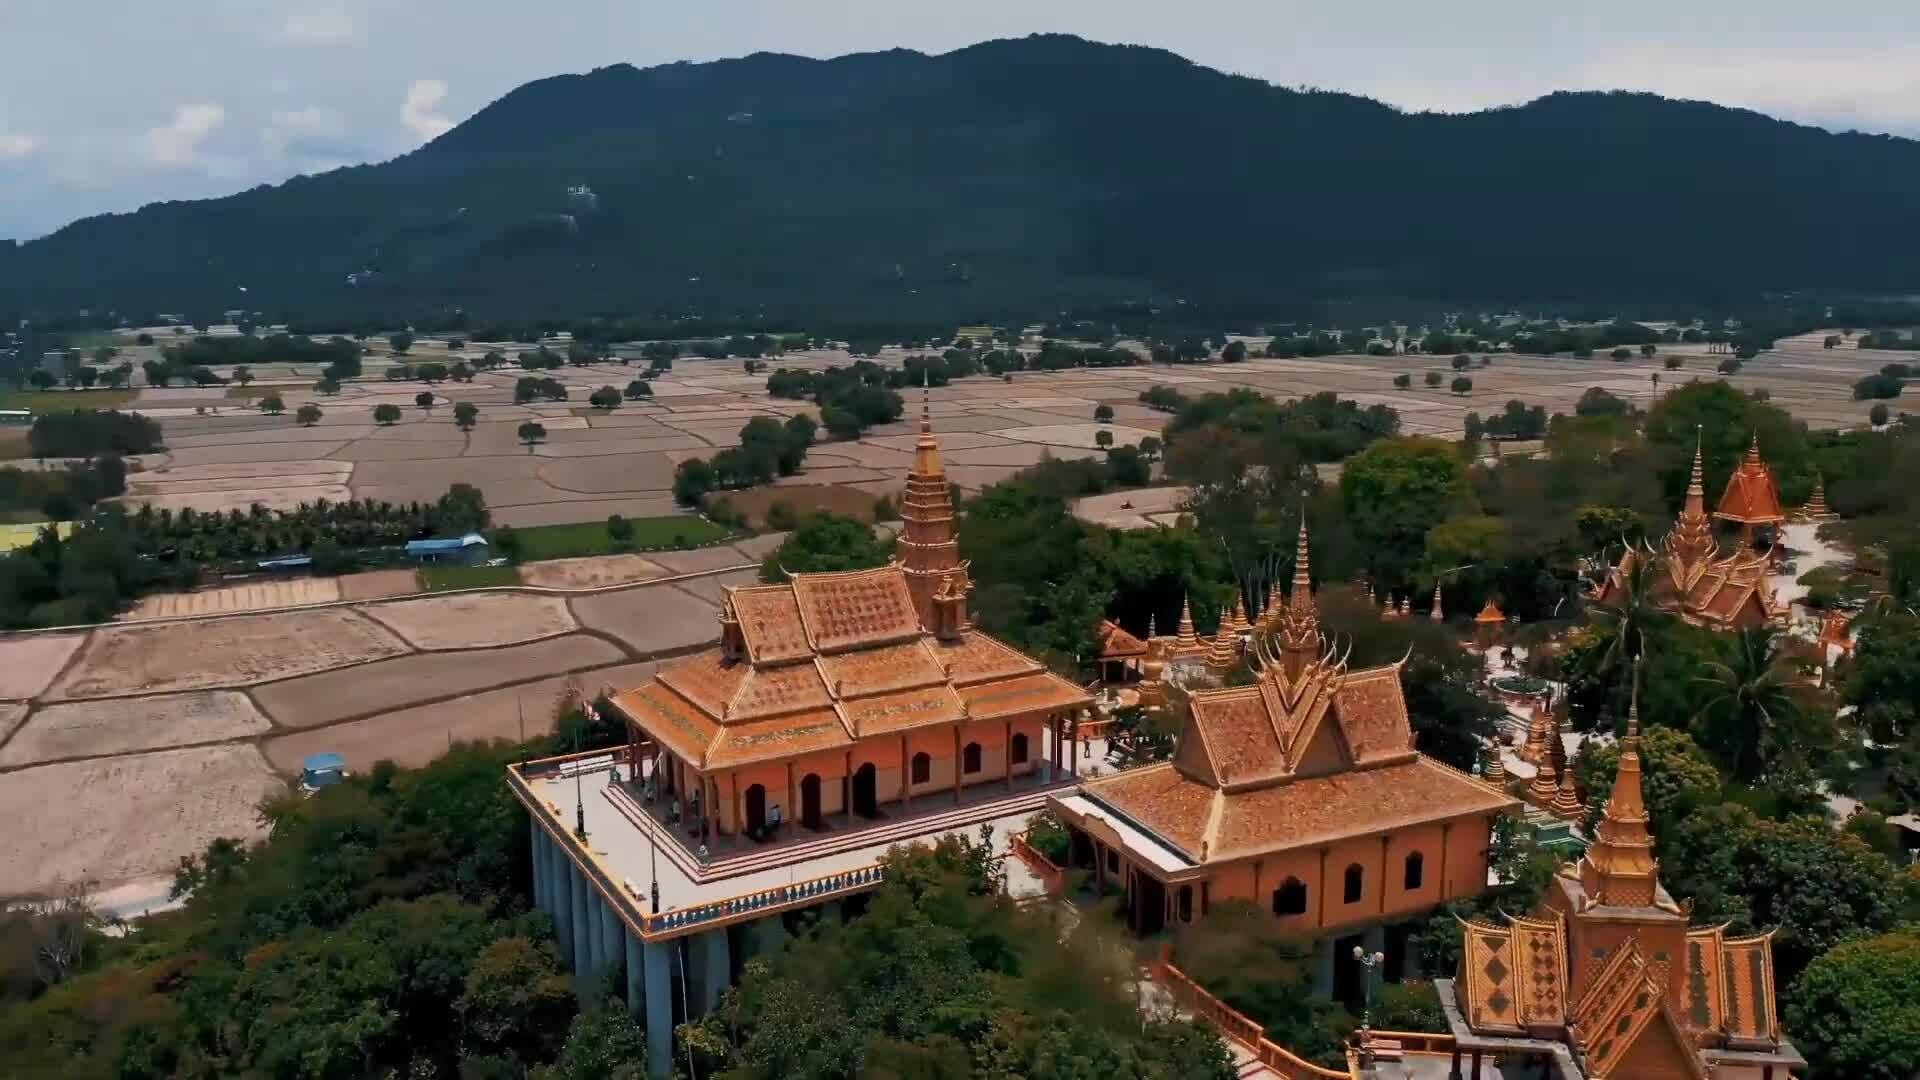 Ấn tượng từ những ngôi chùa ở An Giang